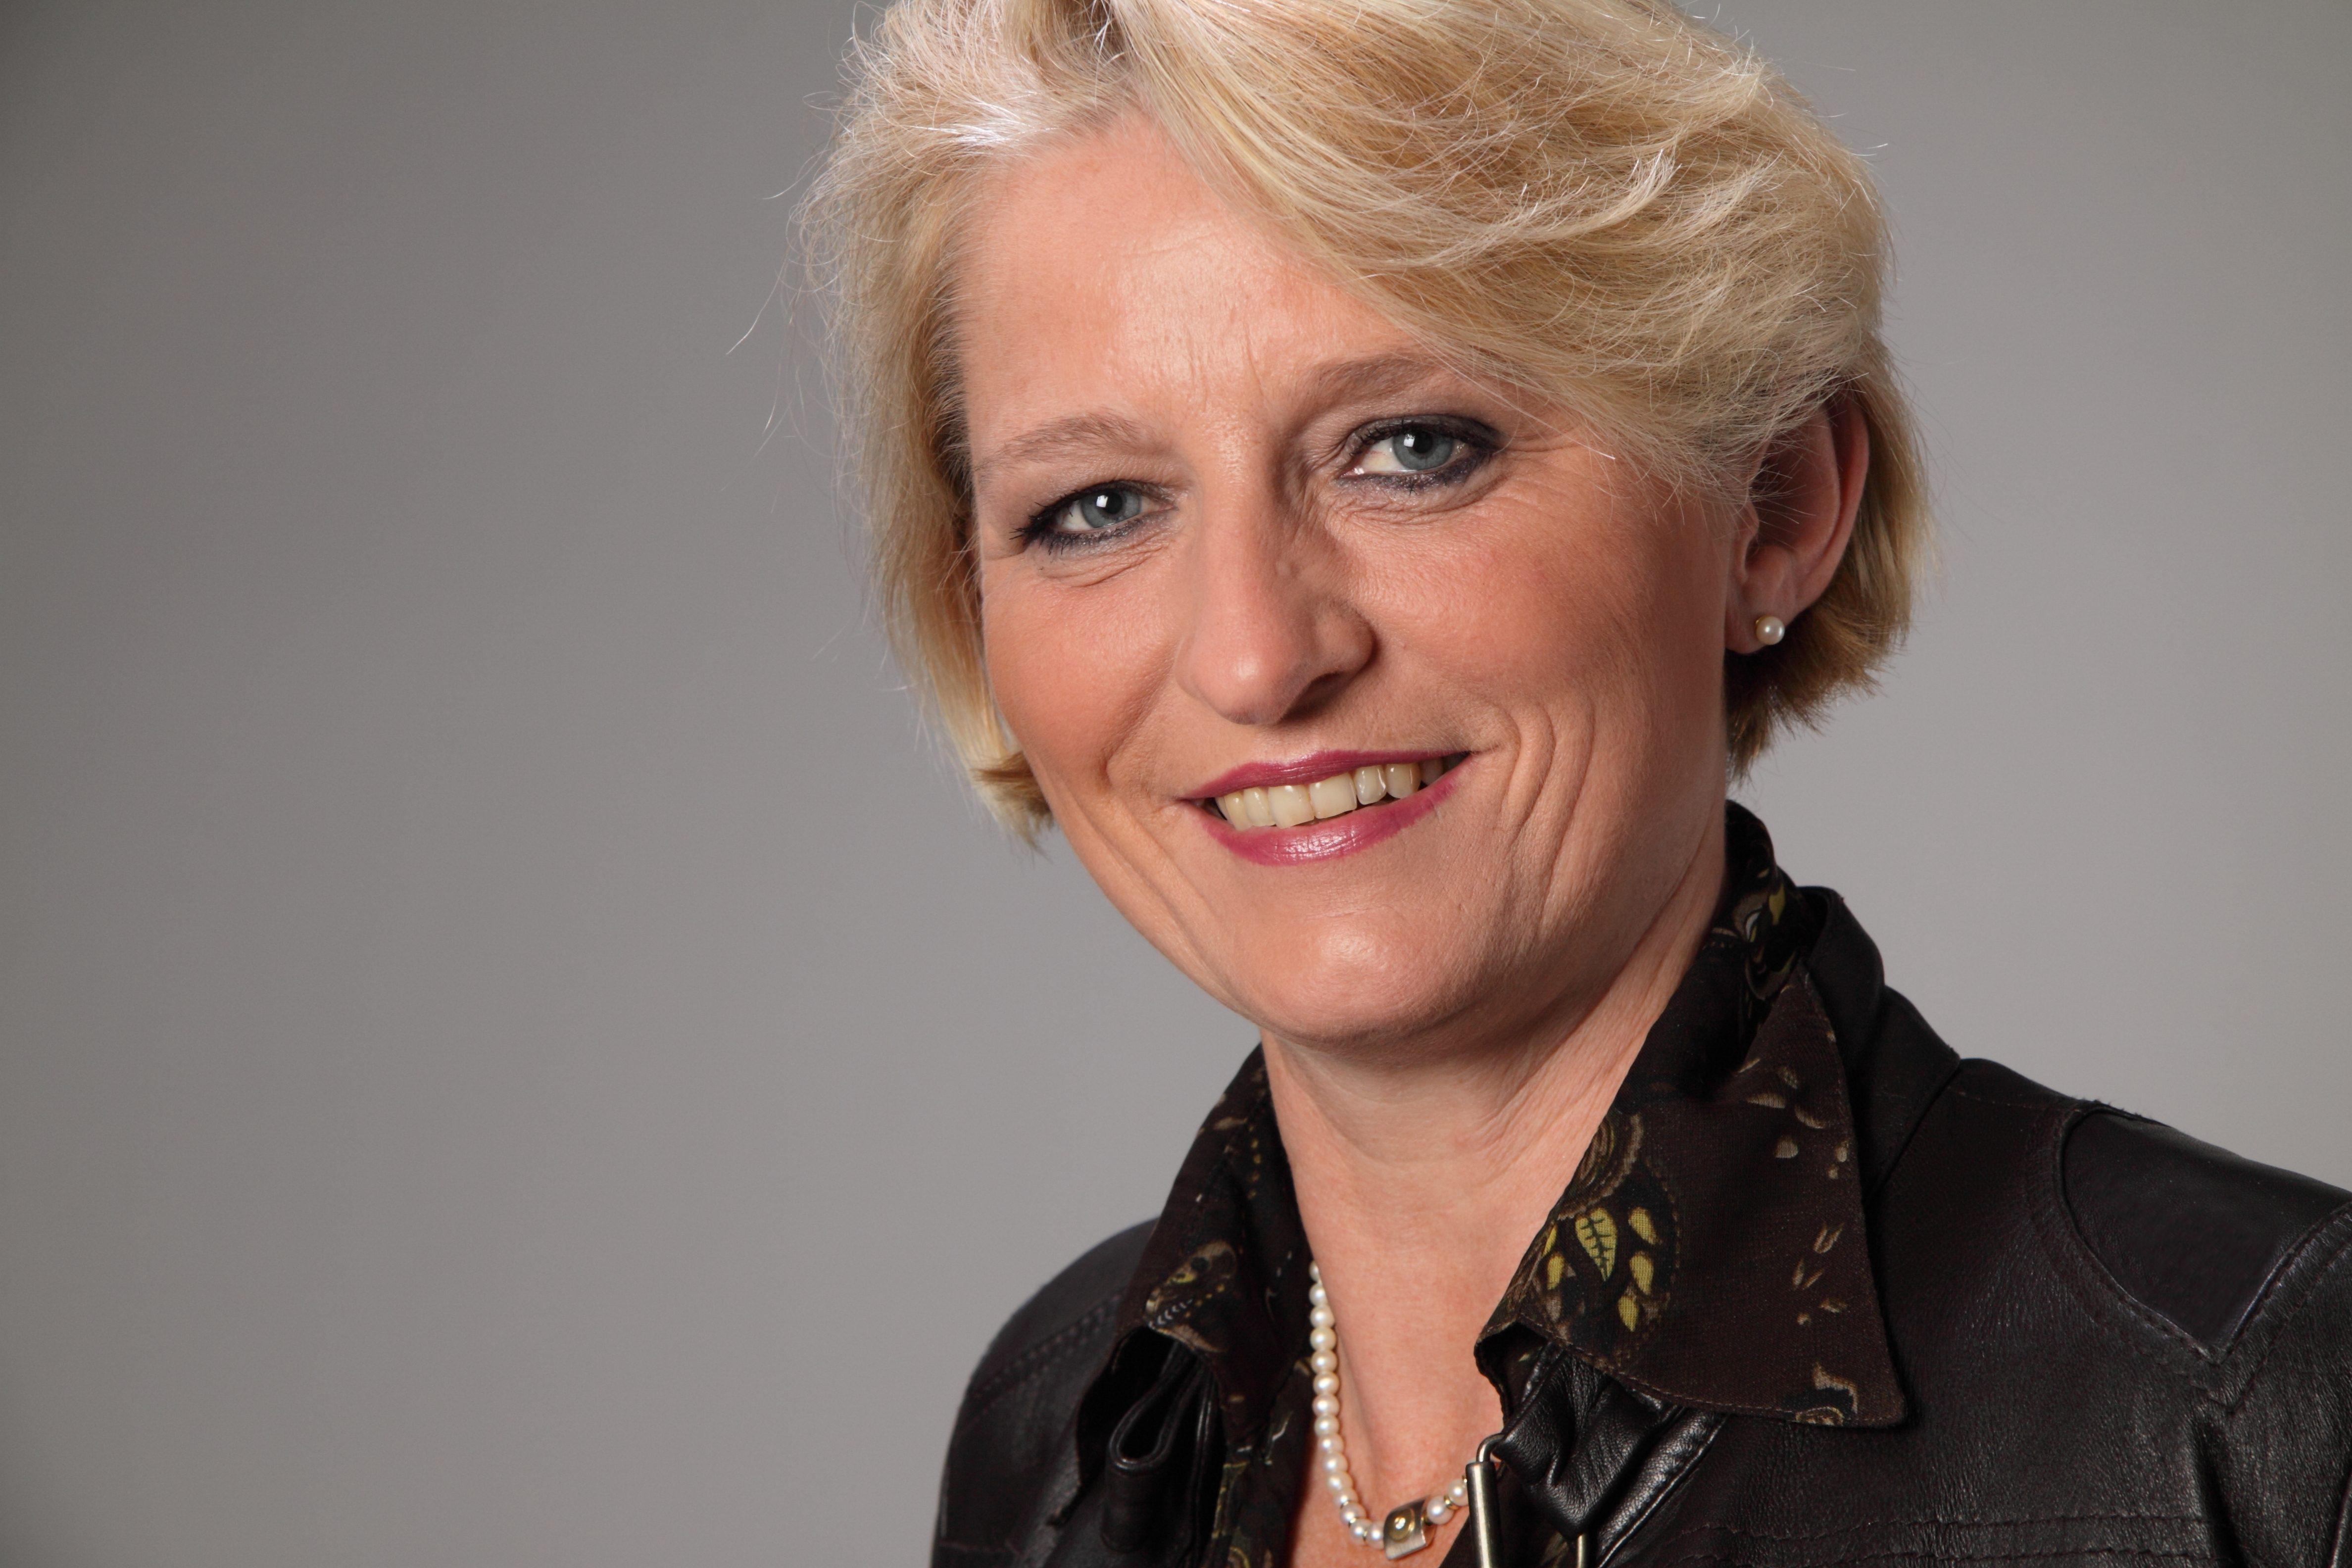 Pastorin Sonja Domröse, Referentin für Öffentlichkeitsarbeit im Sprengel Stade